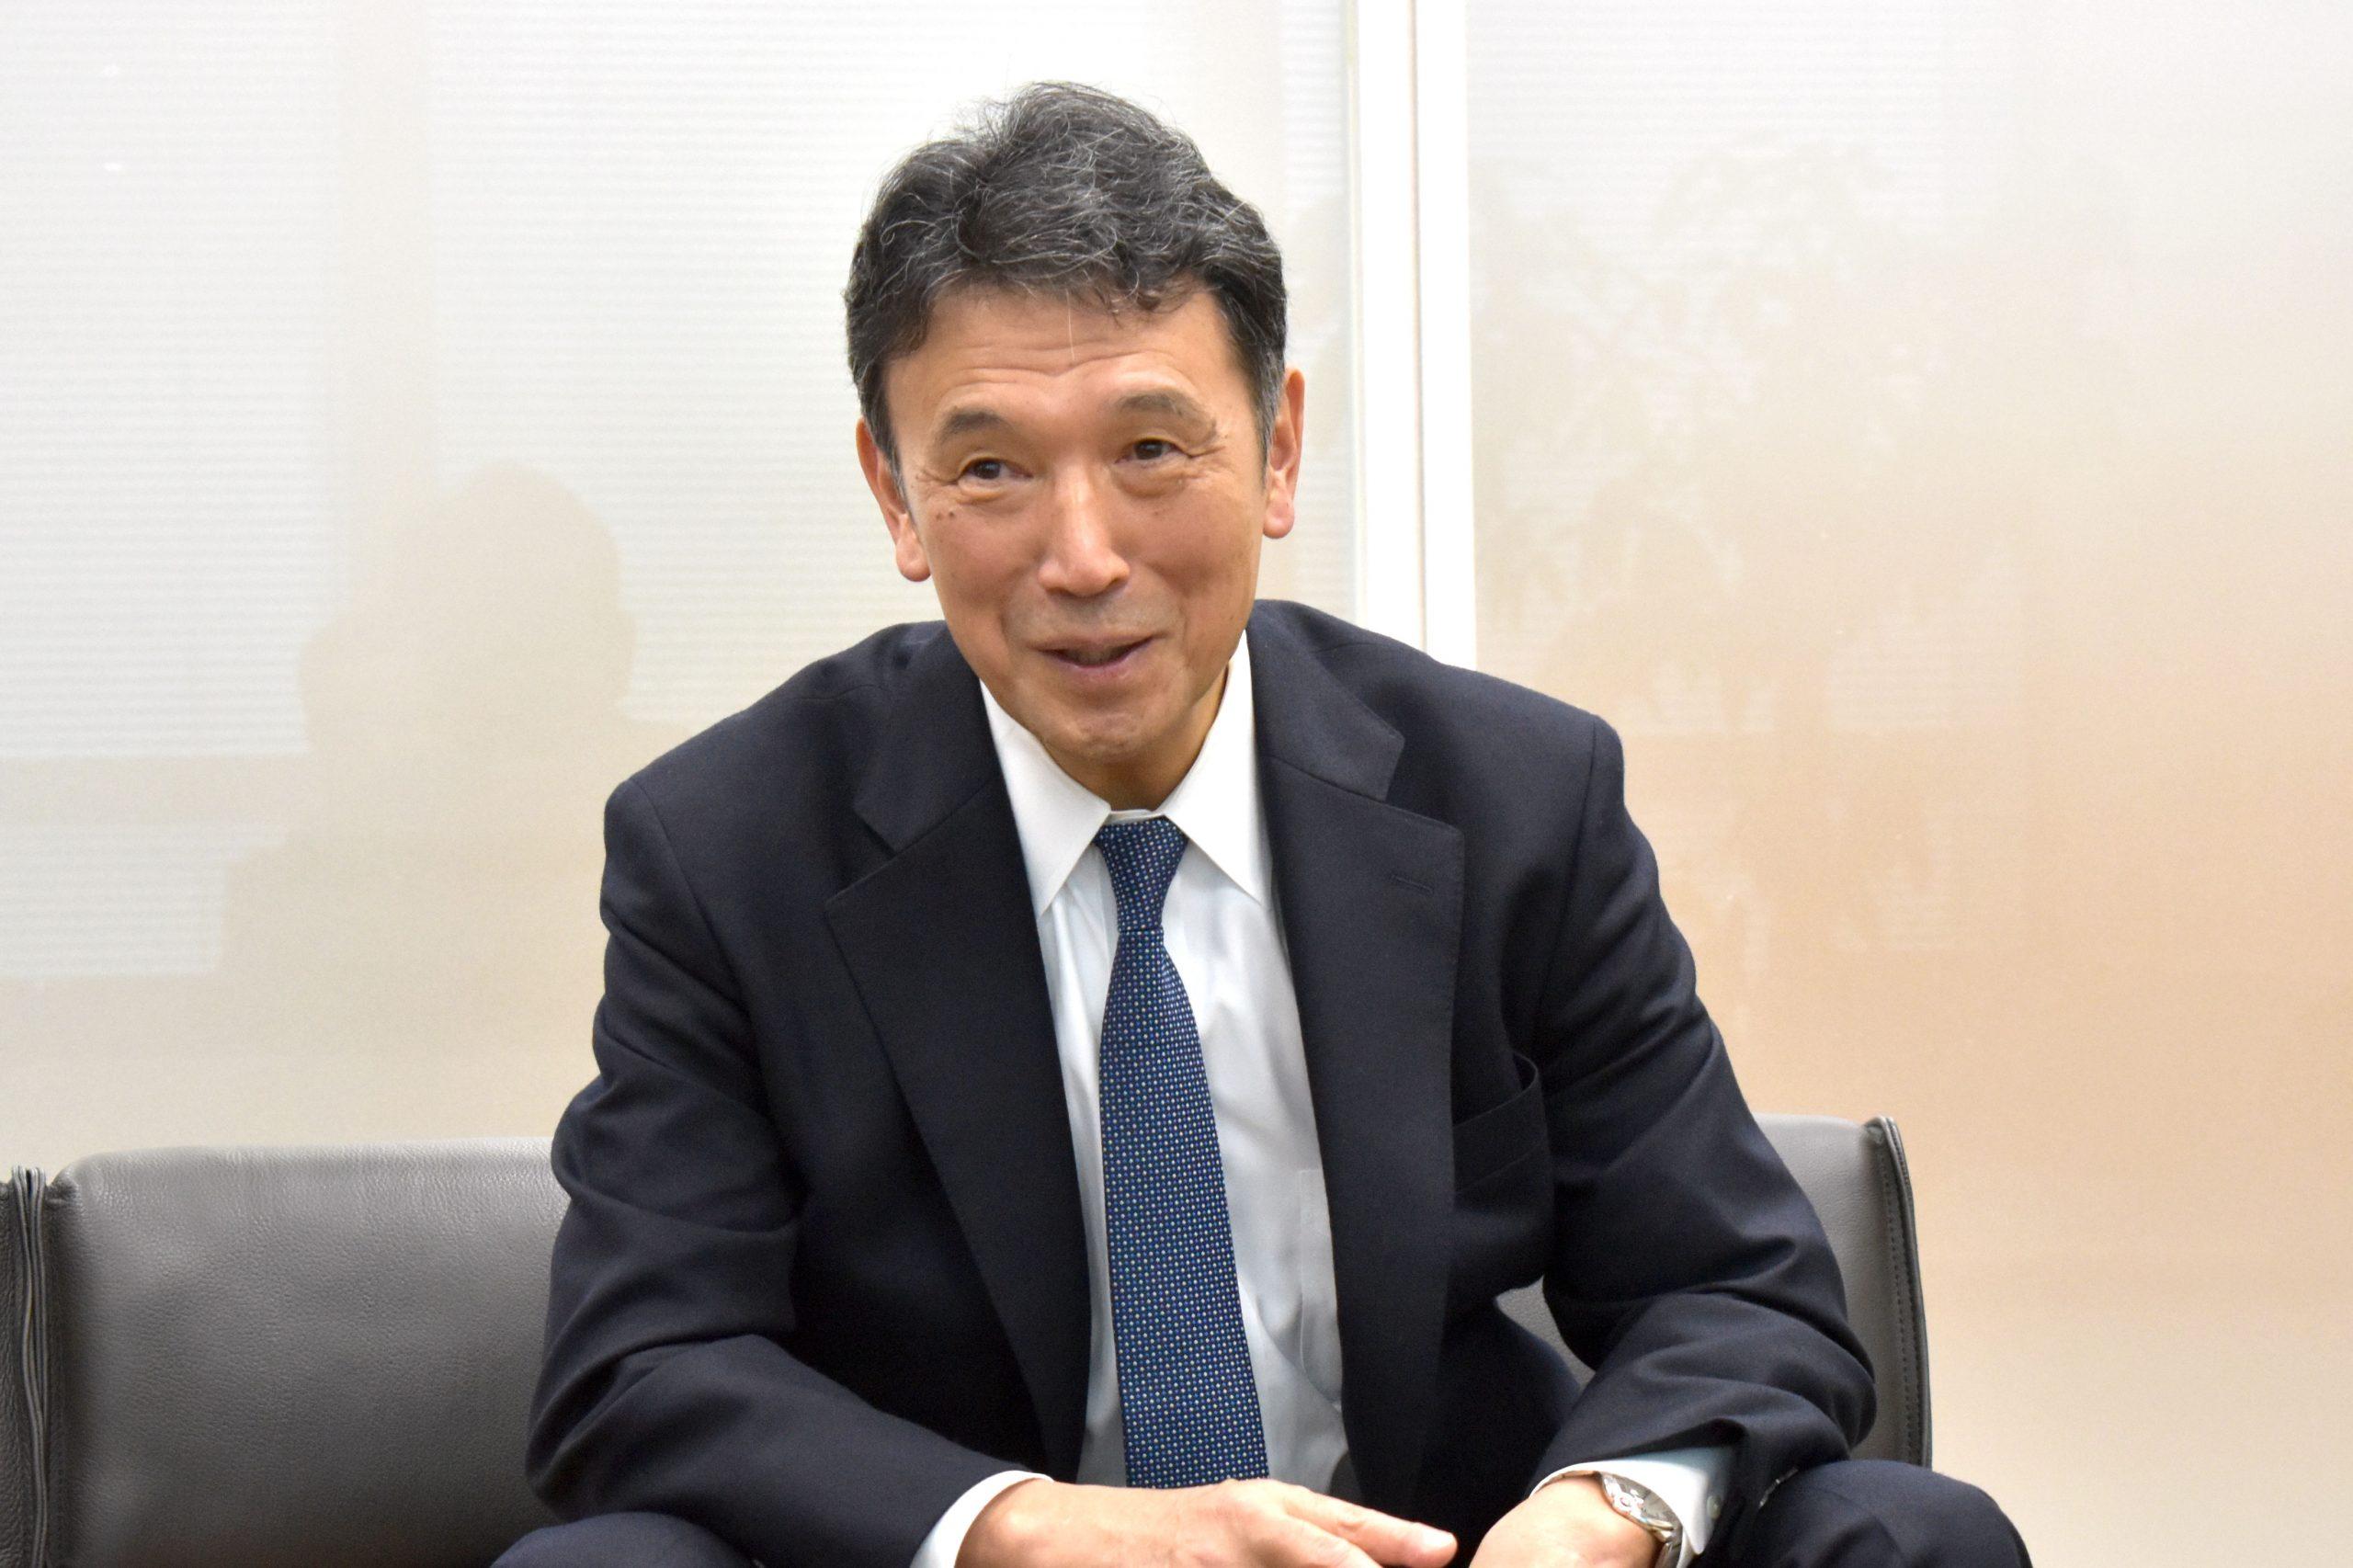 「新社長に聞く」伊藤忠丸紅鉄鋼 塔下辰彦氏 流通業界構造改革 攻めと守りの構えで